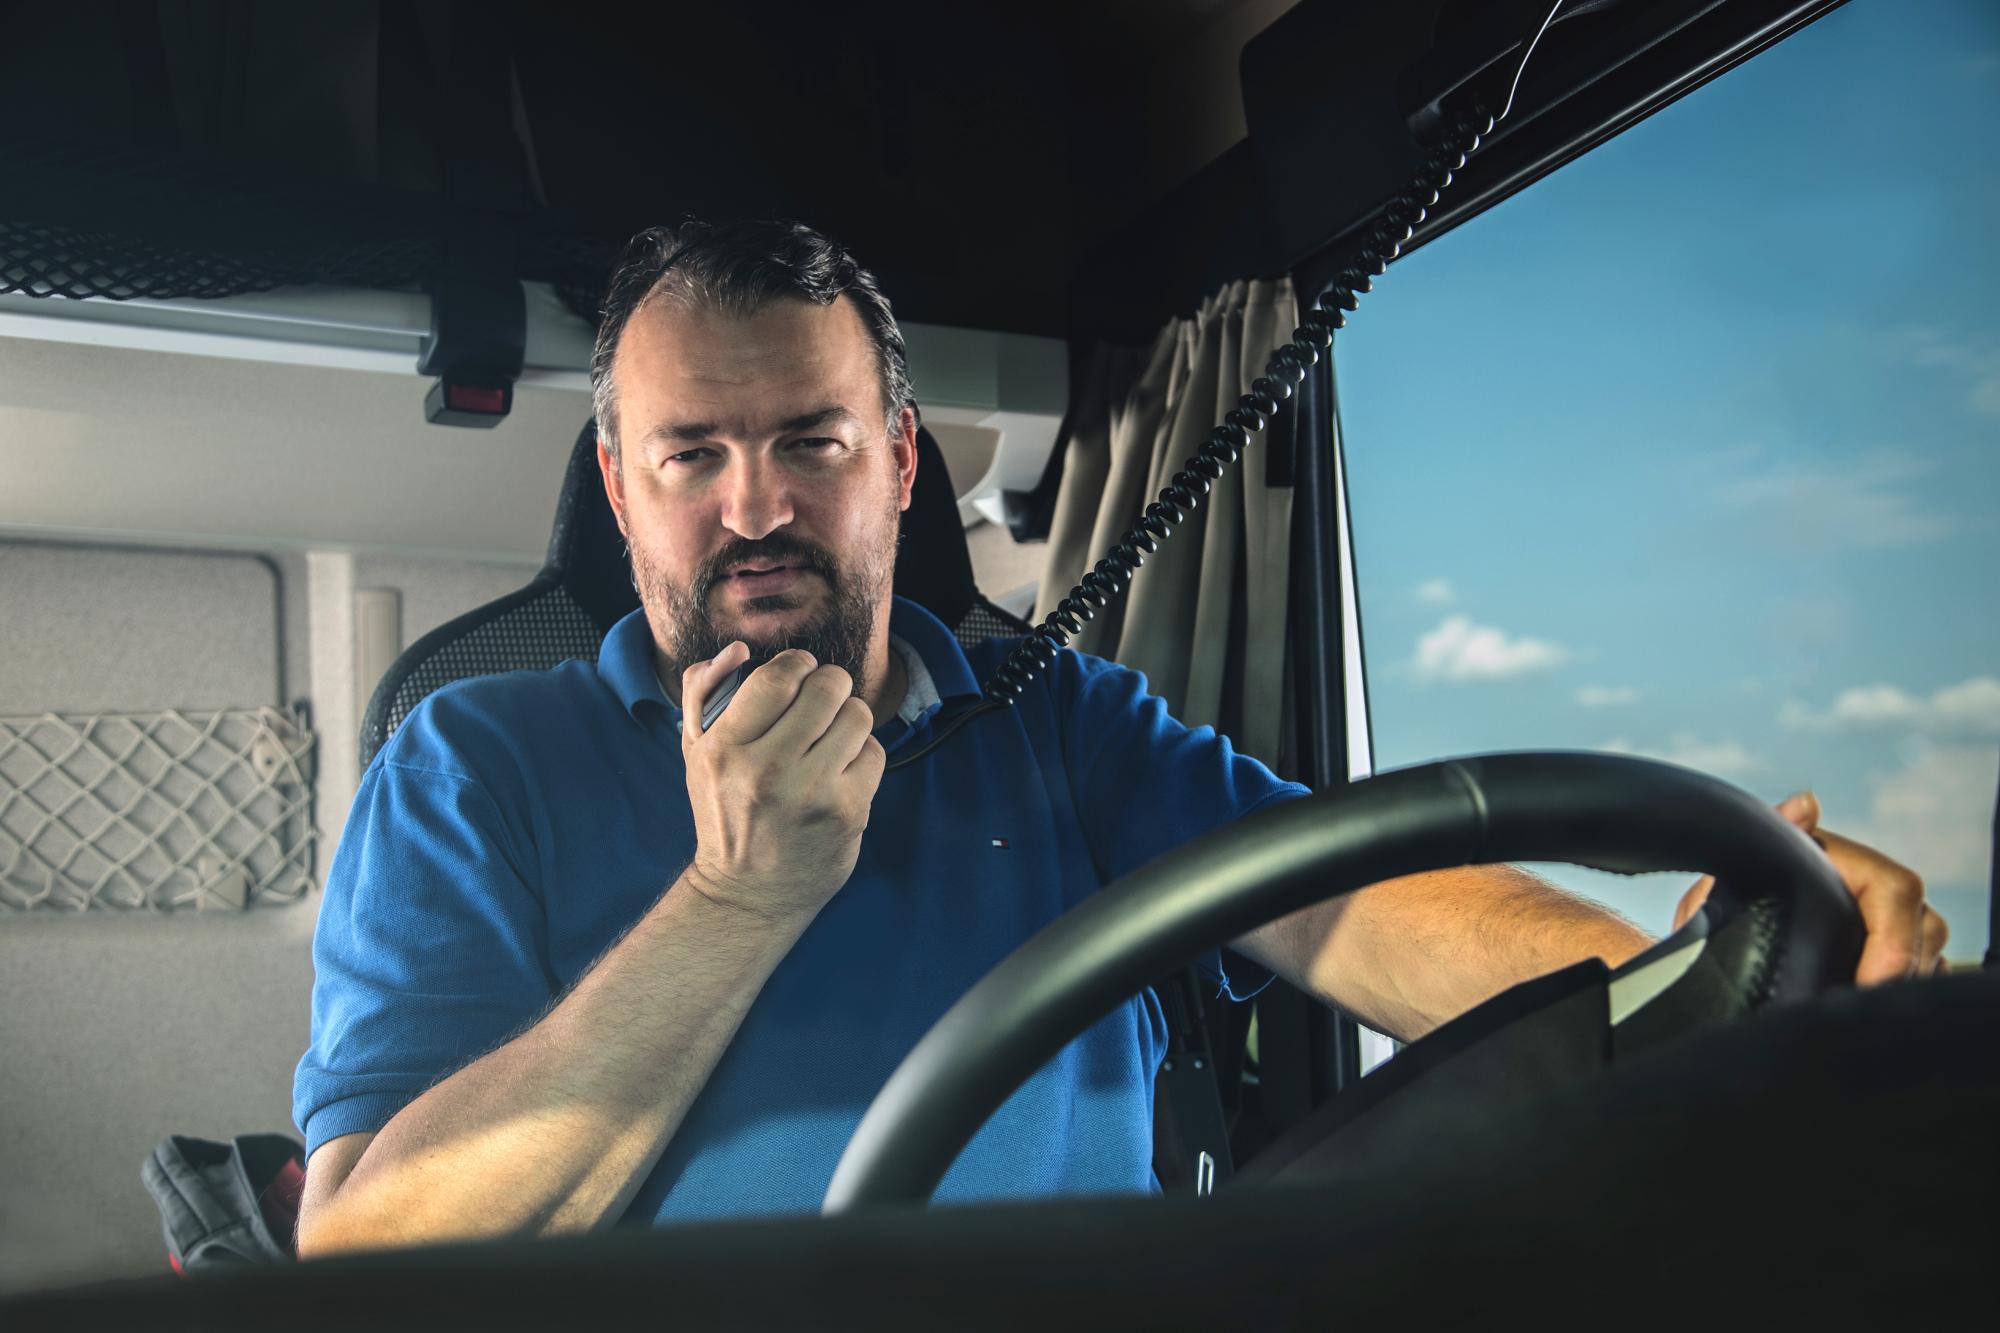 Transportfirmen in ganz Europa haben Probleme, Fahrer zu finden. In Spanien sind bereits 70 Prozent der LKW-Fahrer mehr als 50 Jahre alt.